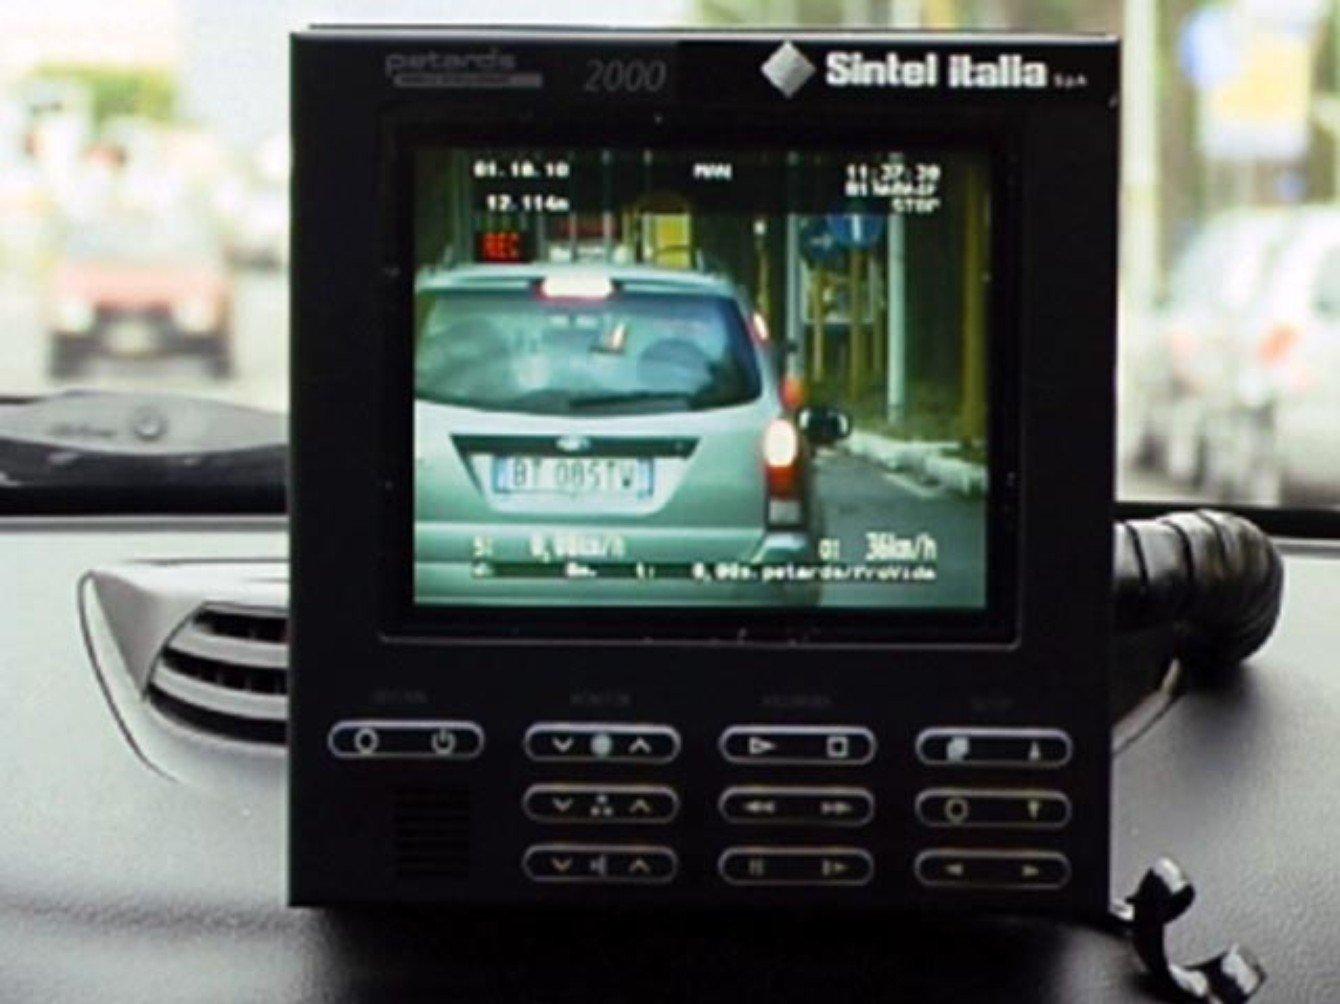 Autovelox Provida: multe senza segnaletica stradale